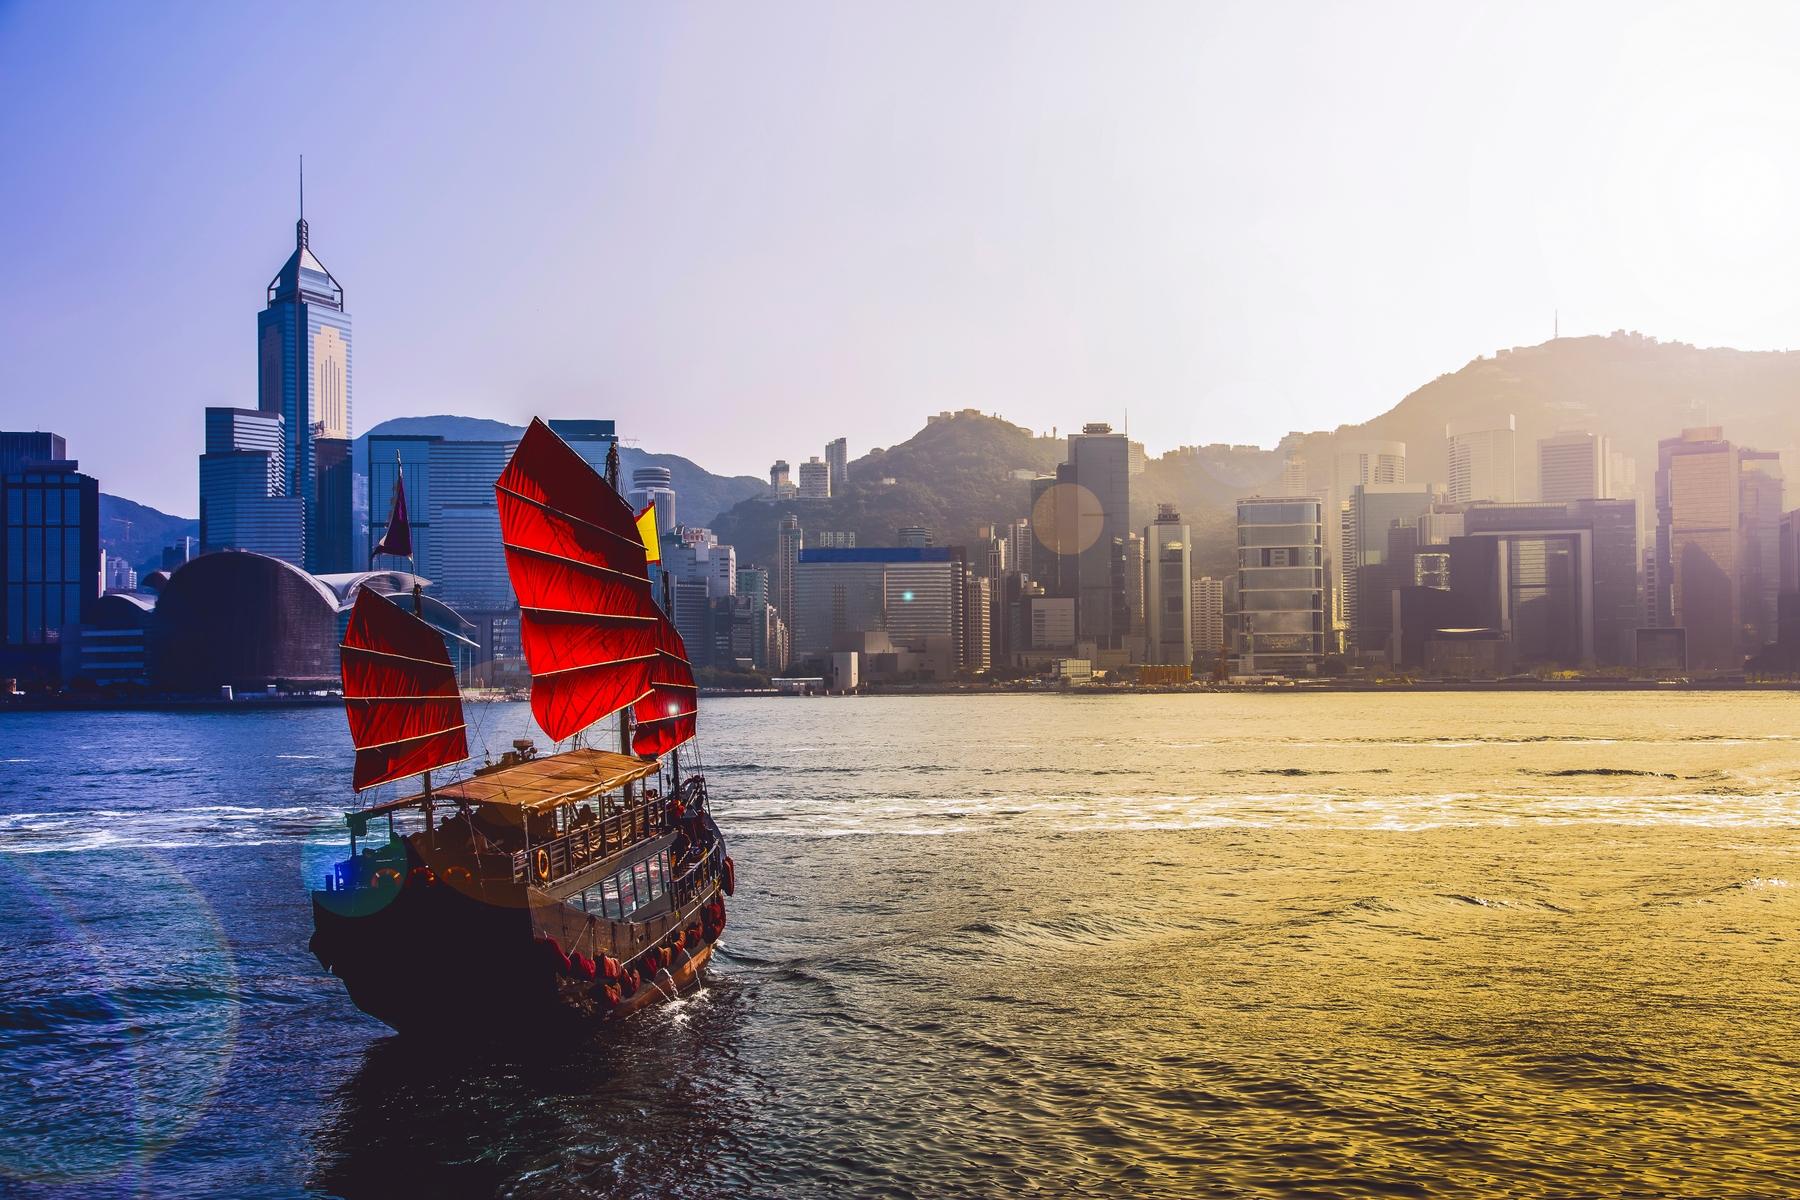 Hong Kong red sail sailboat